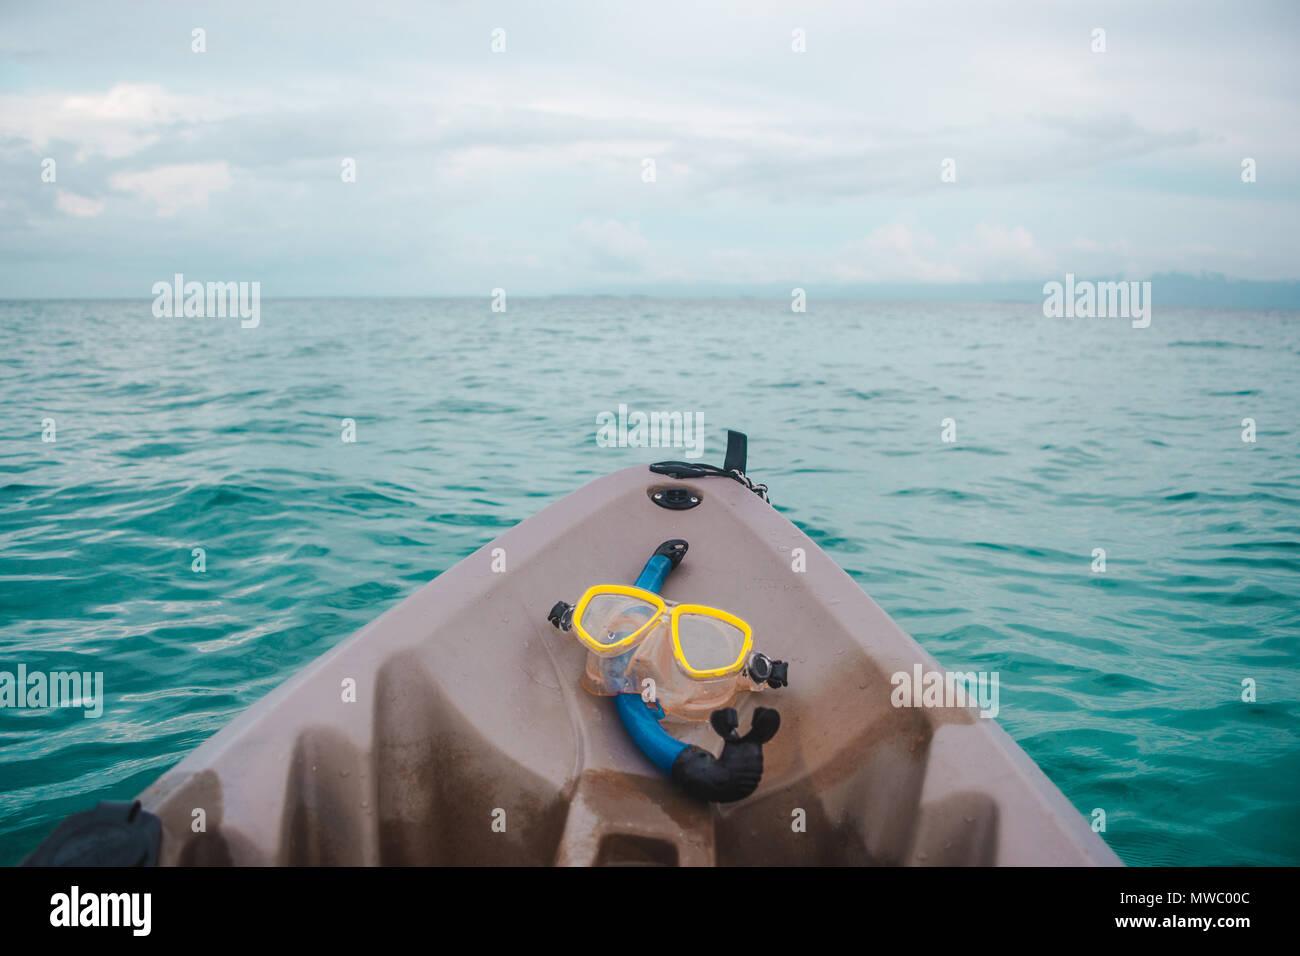 6e9df8deef2a4a Snorkel di blu e giallo occhiali di protezione sulla parte anteriore di un  marrone in plastica kayak nelle acque turchesi del Mare dei Caraibi off le  isole ...